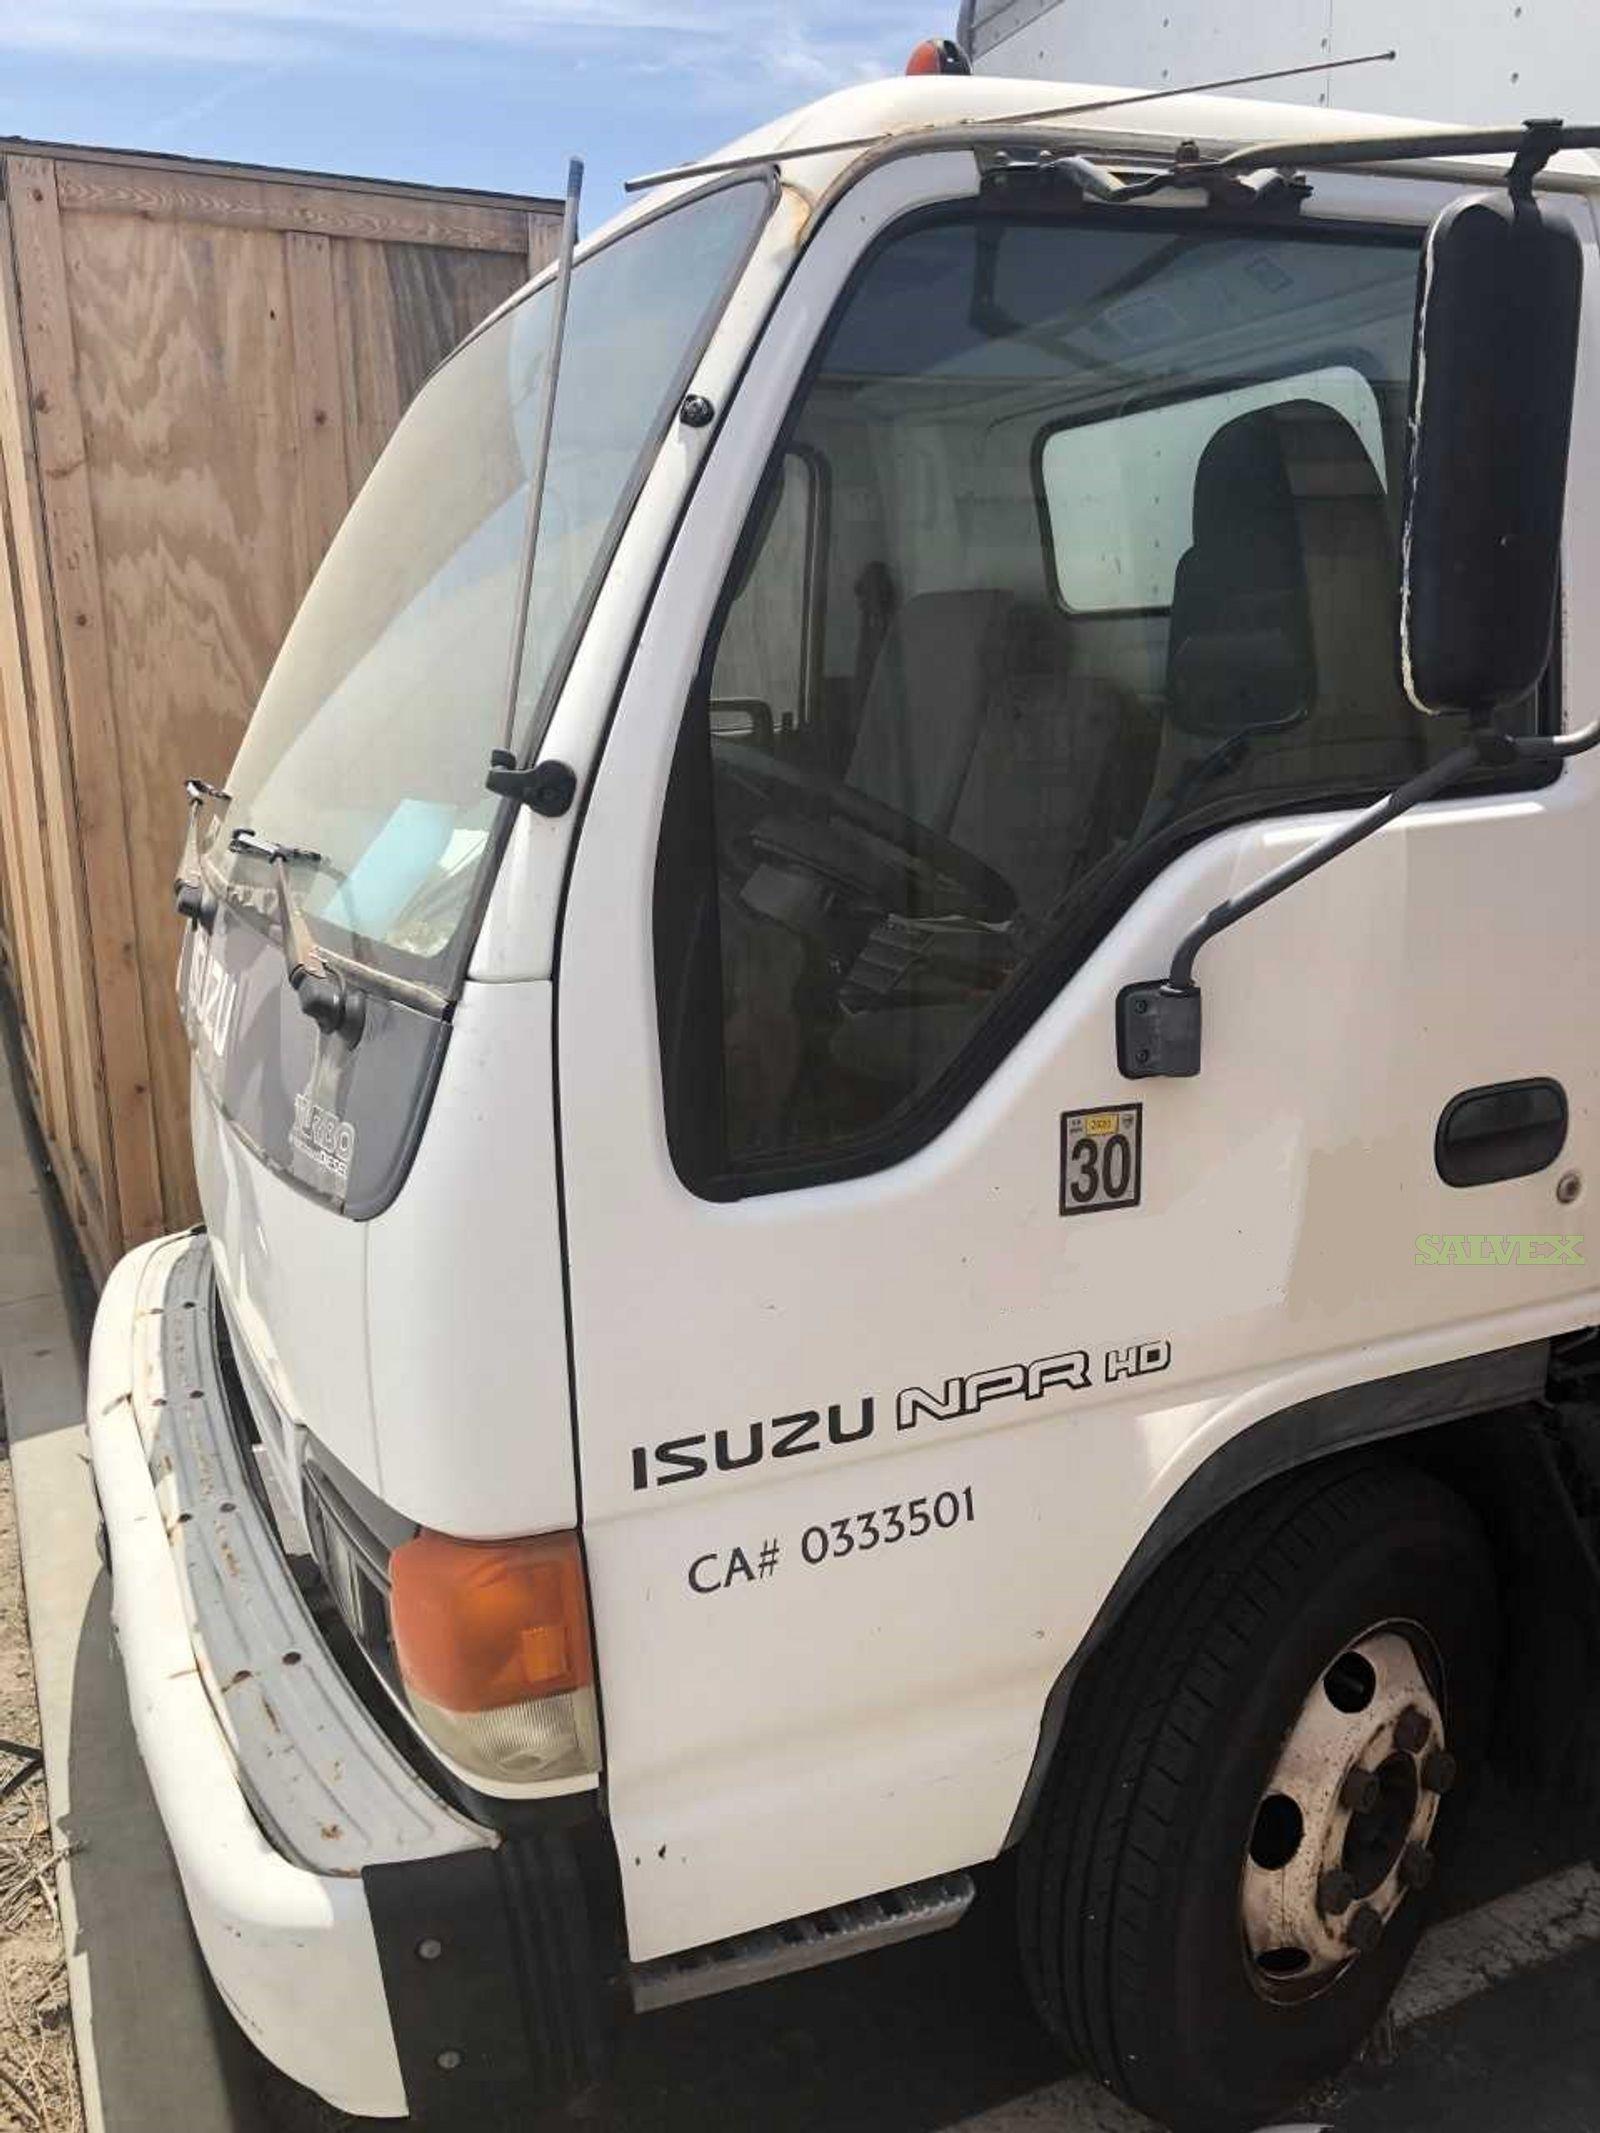 Isuzu NPR HD  Box Truck 2005 (1 Unit)